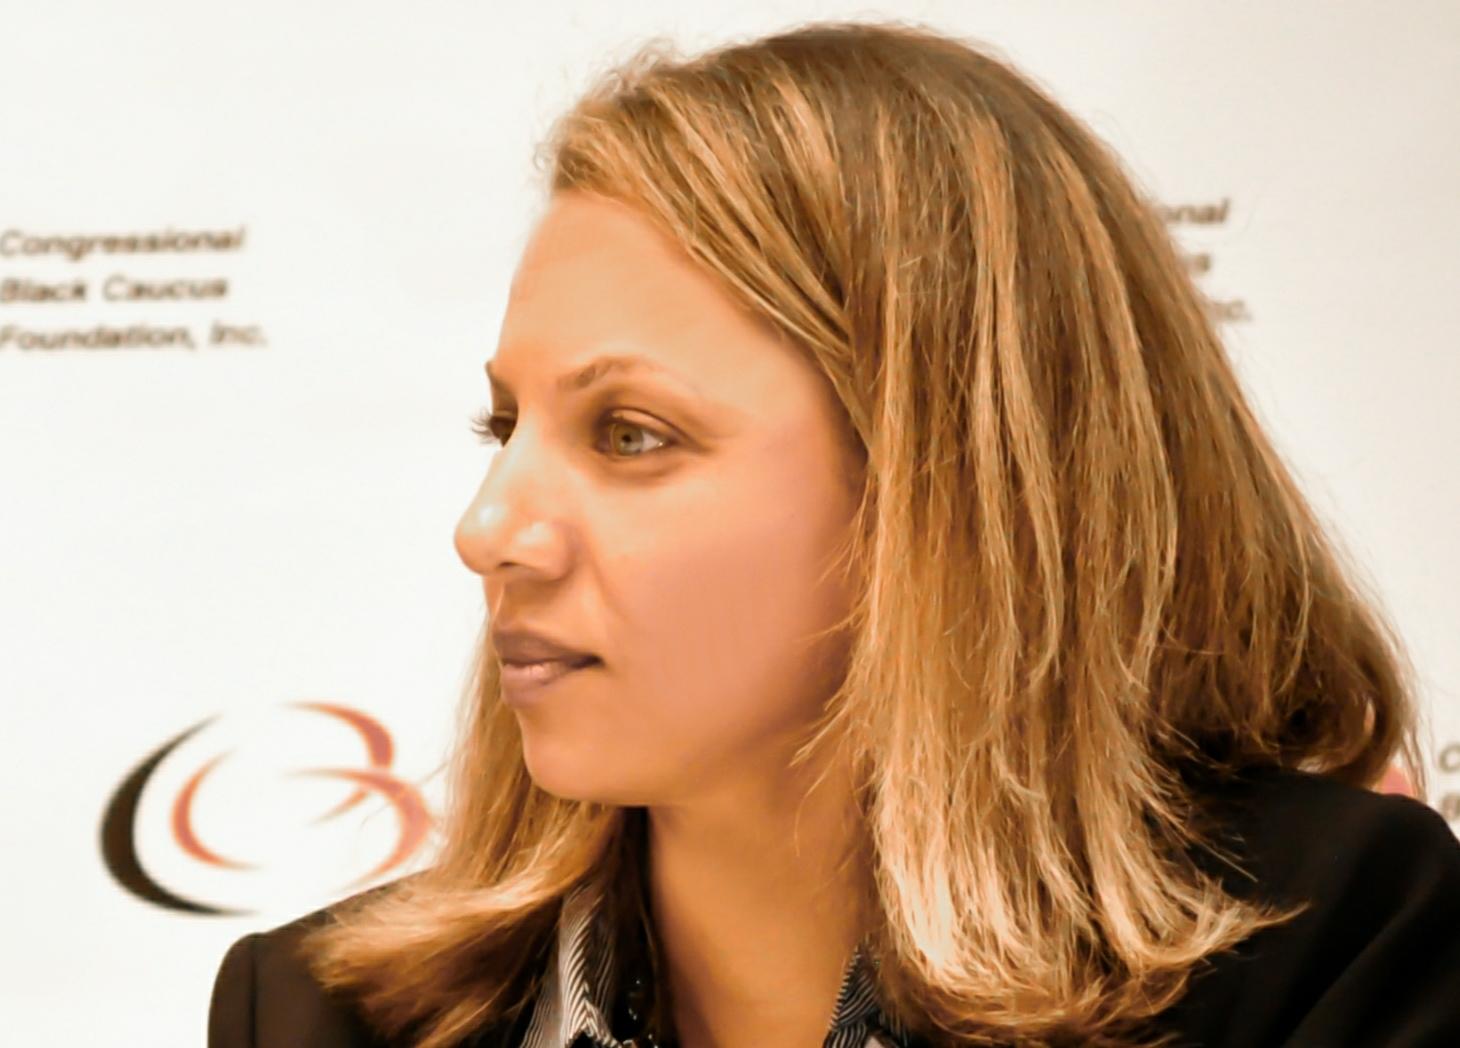 Lisa Fager